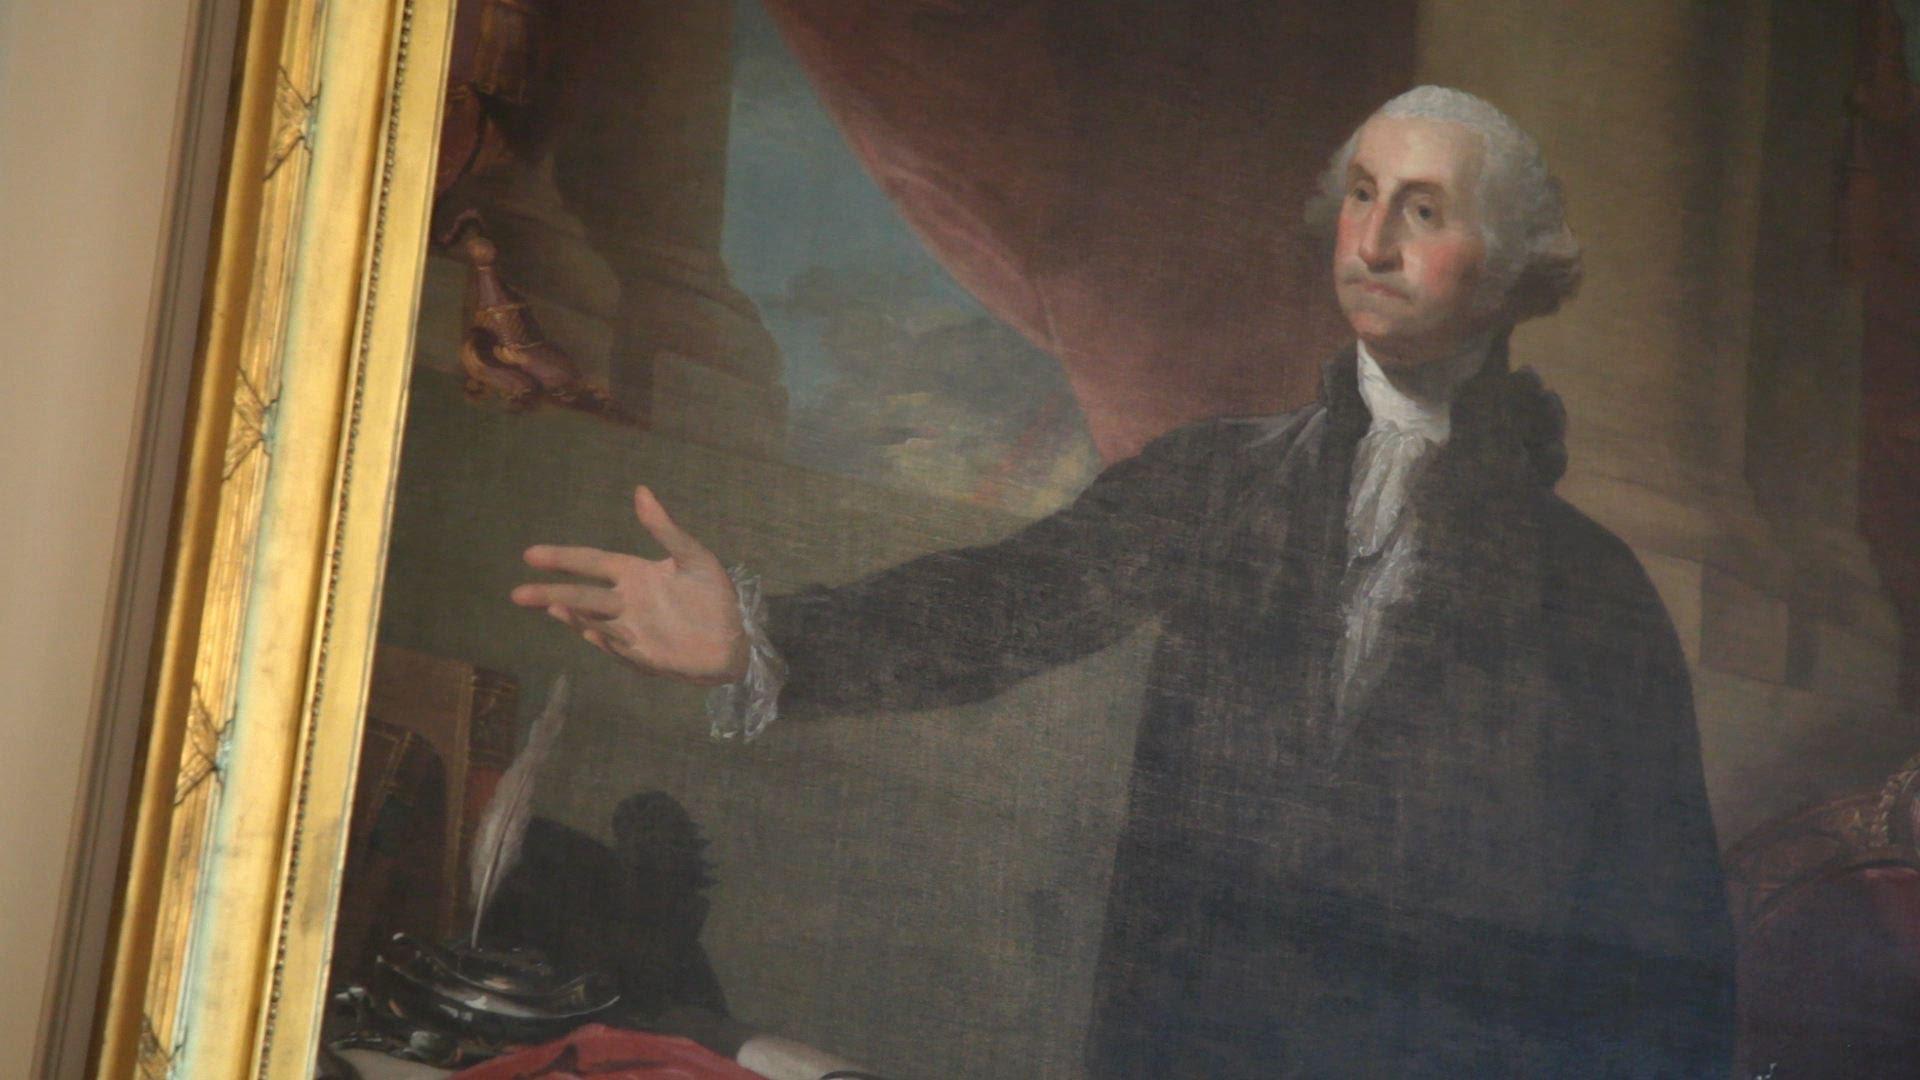 「【博物館巡禮】美國:白宮」- A New Way to Tour the White House